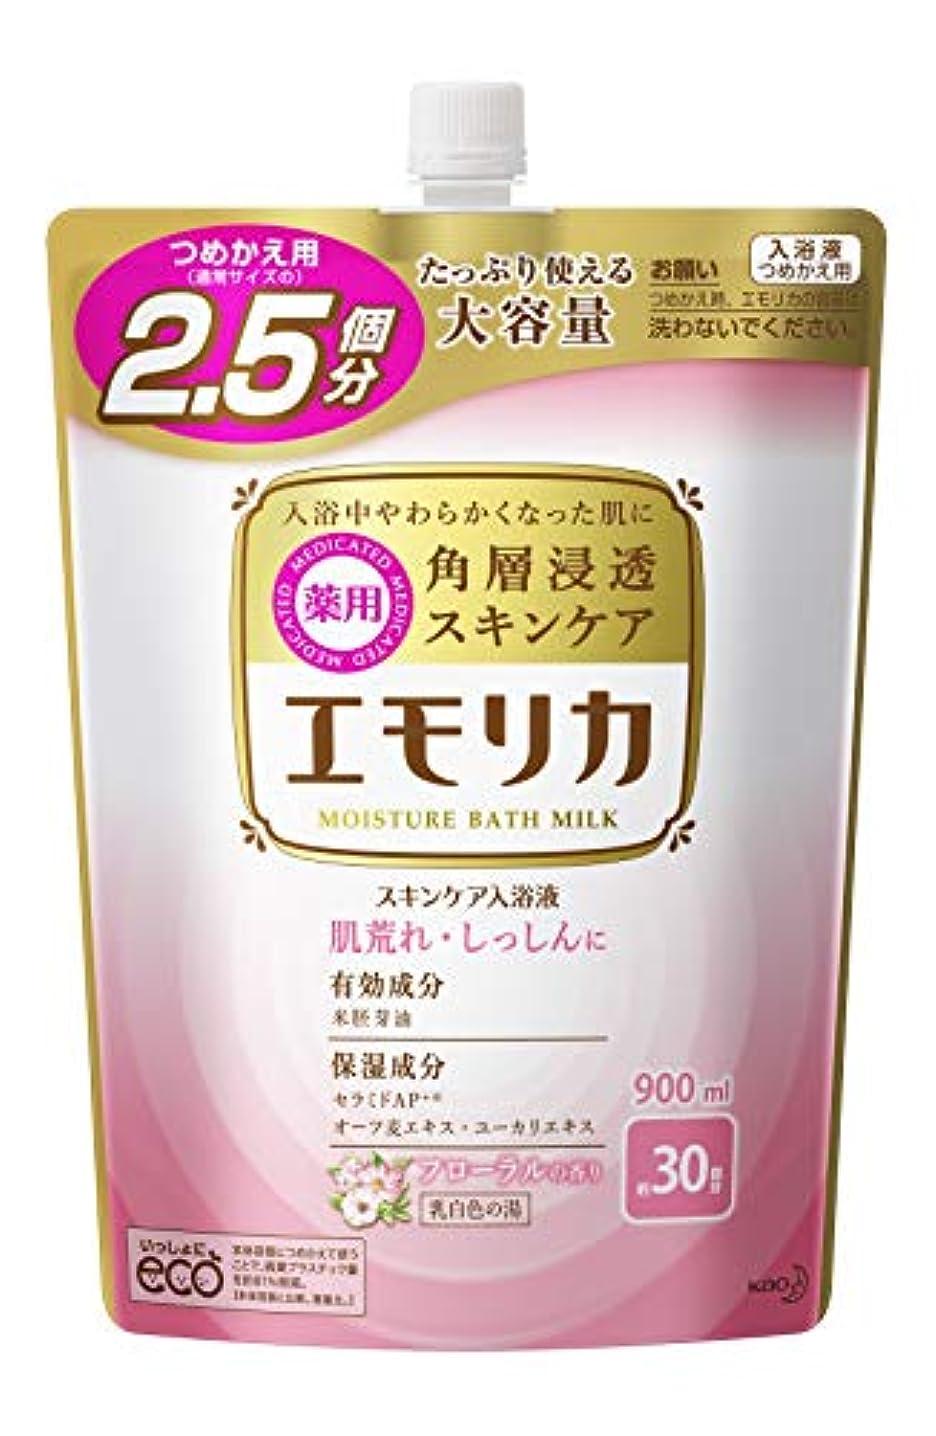 異常ソーシャル宿【大容量】エモリカ 薬用スキンケア入浴液 フローラルの香り つめかえ用900ml 液体 入浴剤 (赤ちゃんにも使えます)